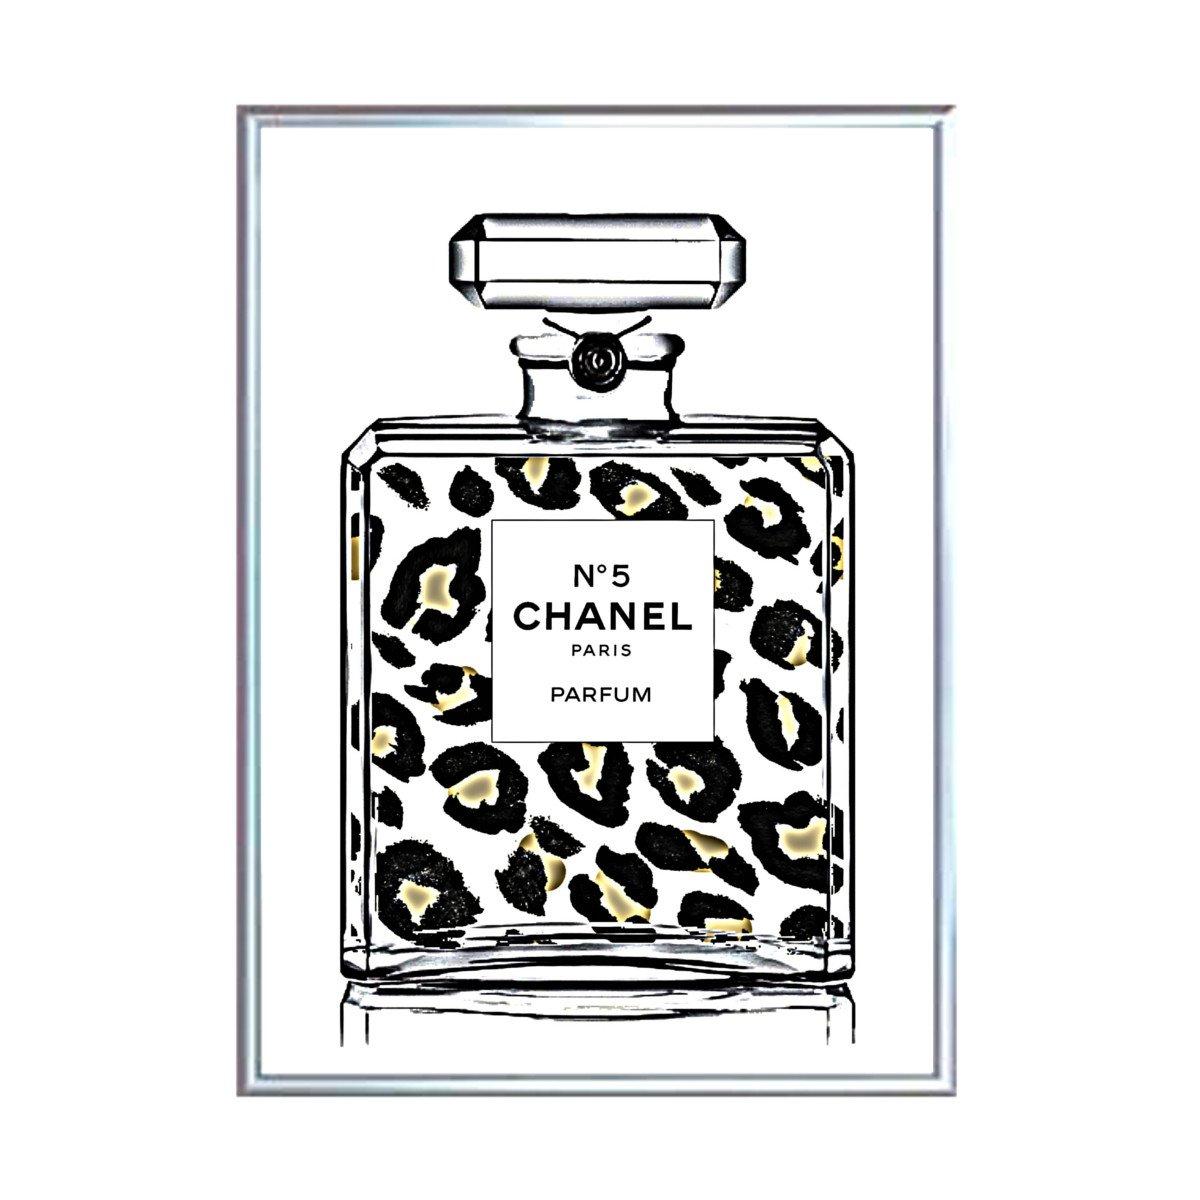 Aroma of Paris アートポスター おしゃれ インテリア 北欧 モノクロ アート #133 B3 ブラックフレーム B079KT3765 B3 (364 x 515mm)|ブラックフレーム ブラックフレーム B3 (364 x 515mm)